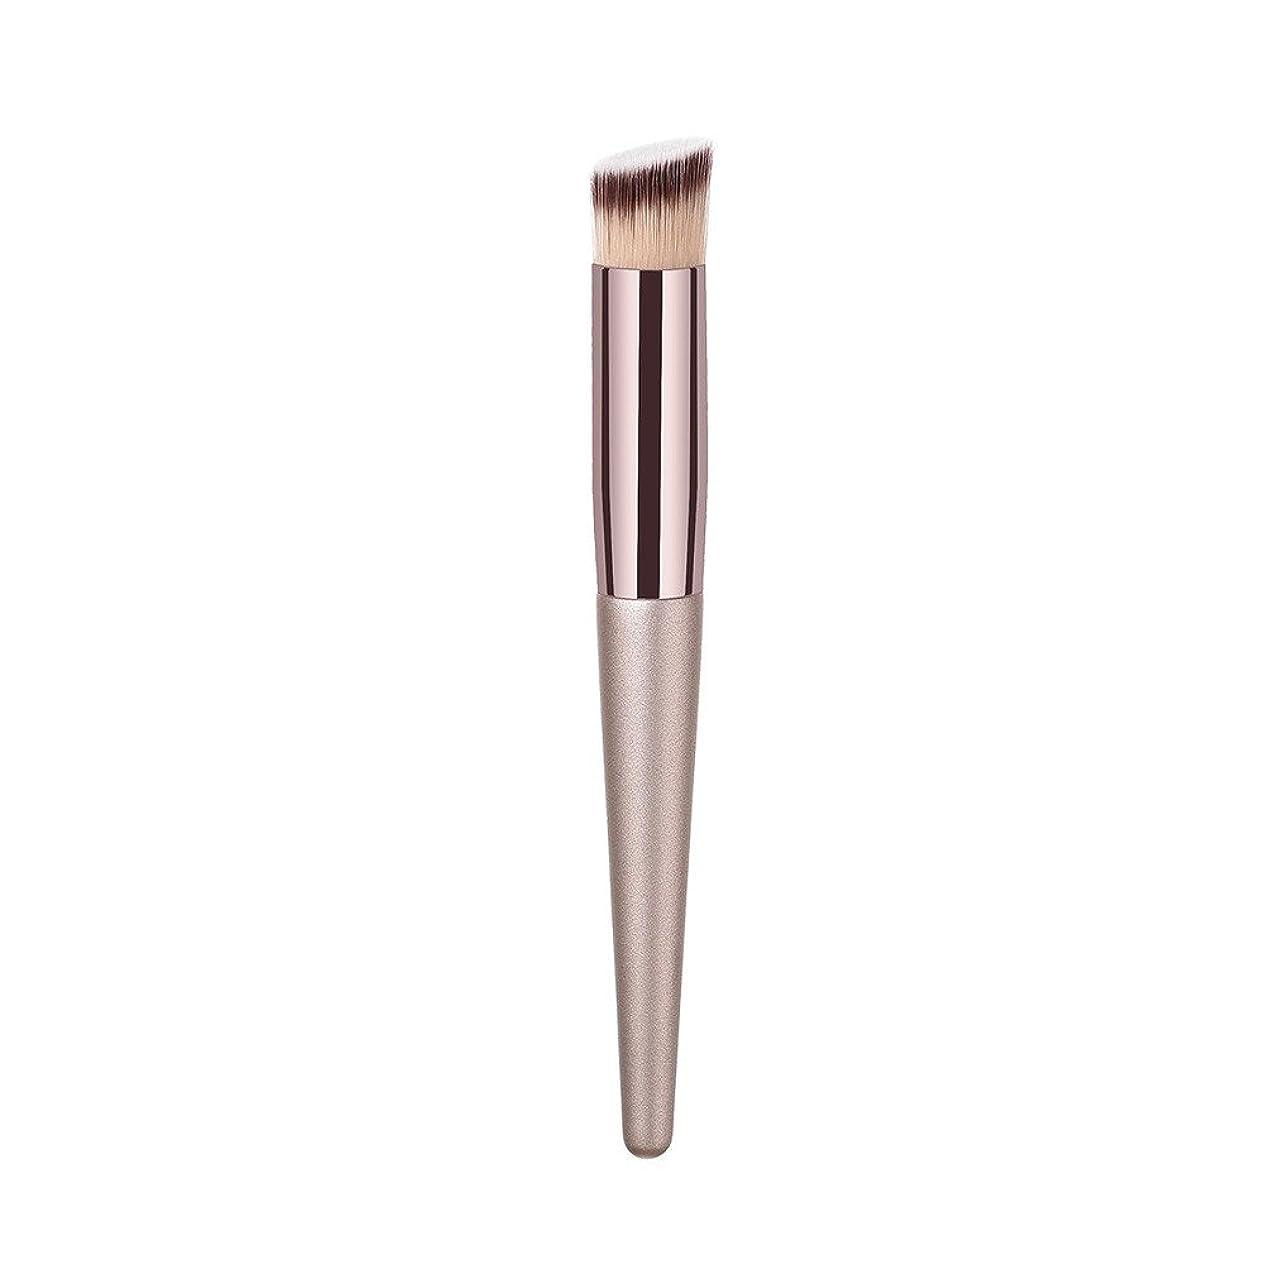 コスチューム解体する論争的笑え熊 化粧筆 化粧品ZZ-10-A-2 化粧品 マック 化粧 ファンデーション ブラシ 抜群の粉含み力 高級天然繊維